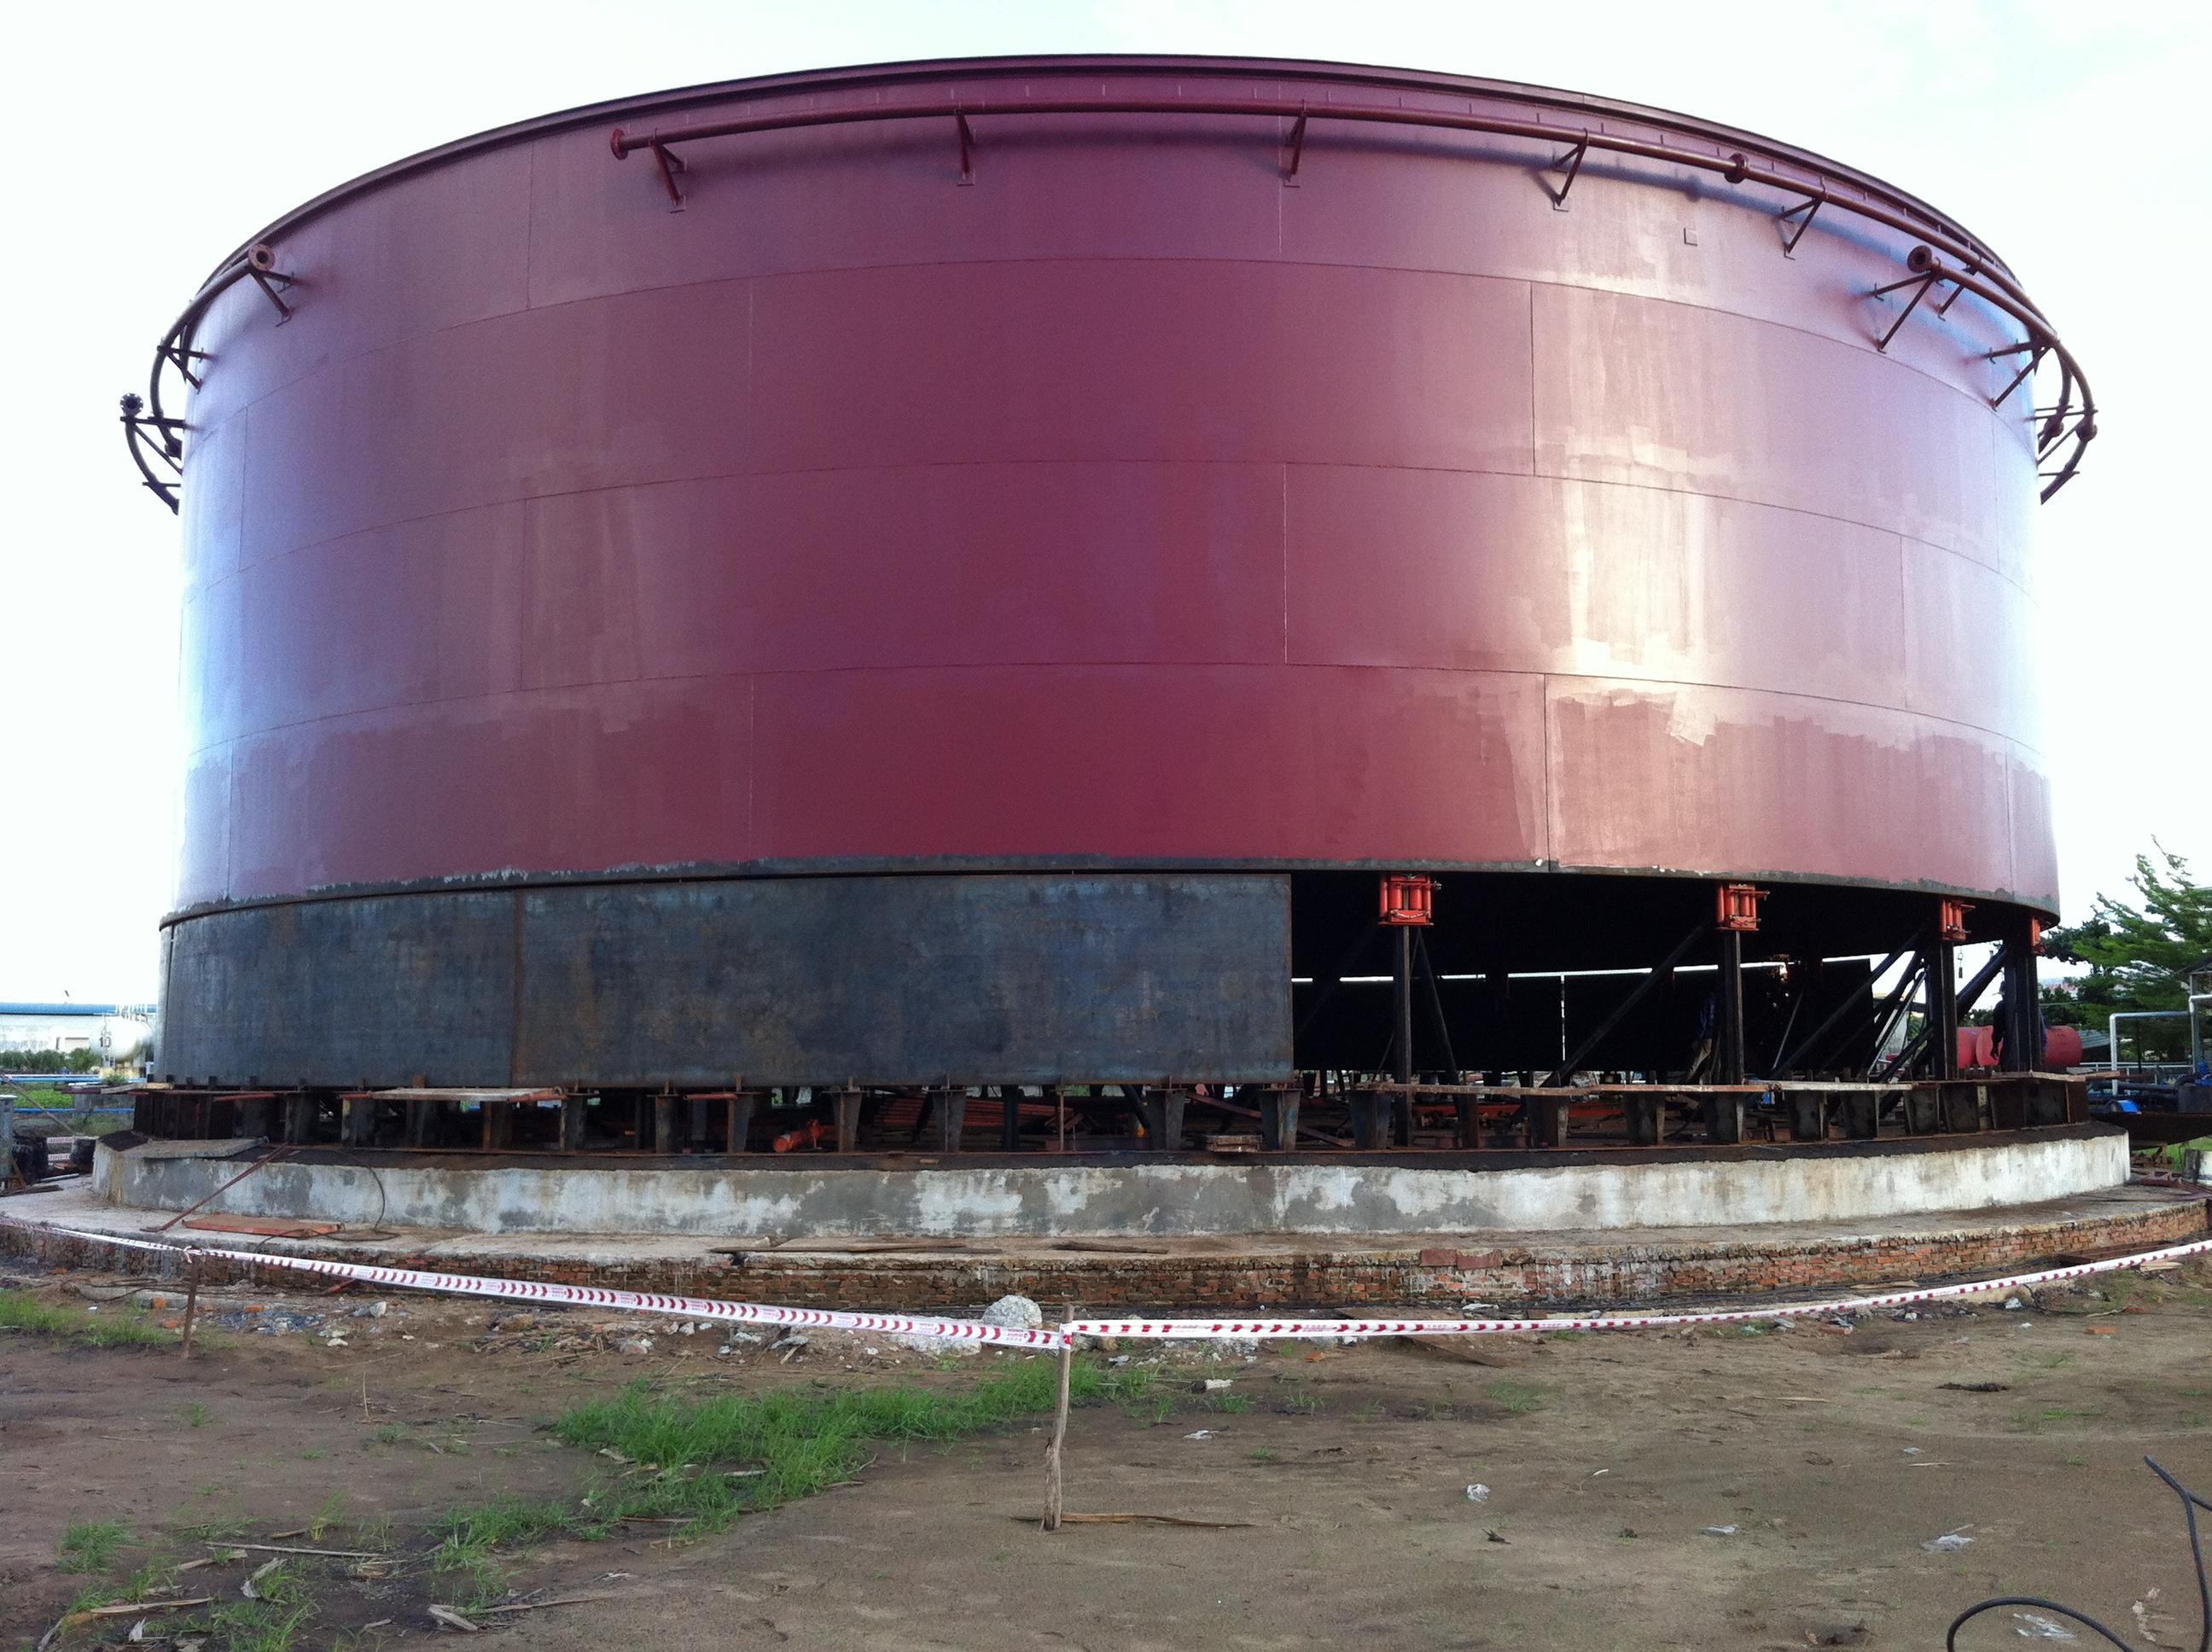 Kết quả hình ảnh cho THI CÔNG bồn chứa xăng dầu hóa chất cứu hỏa